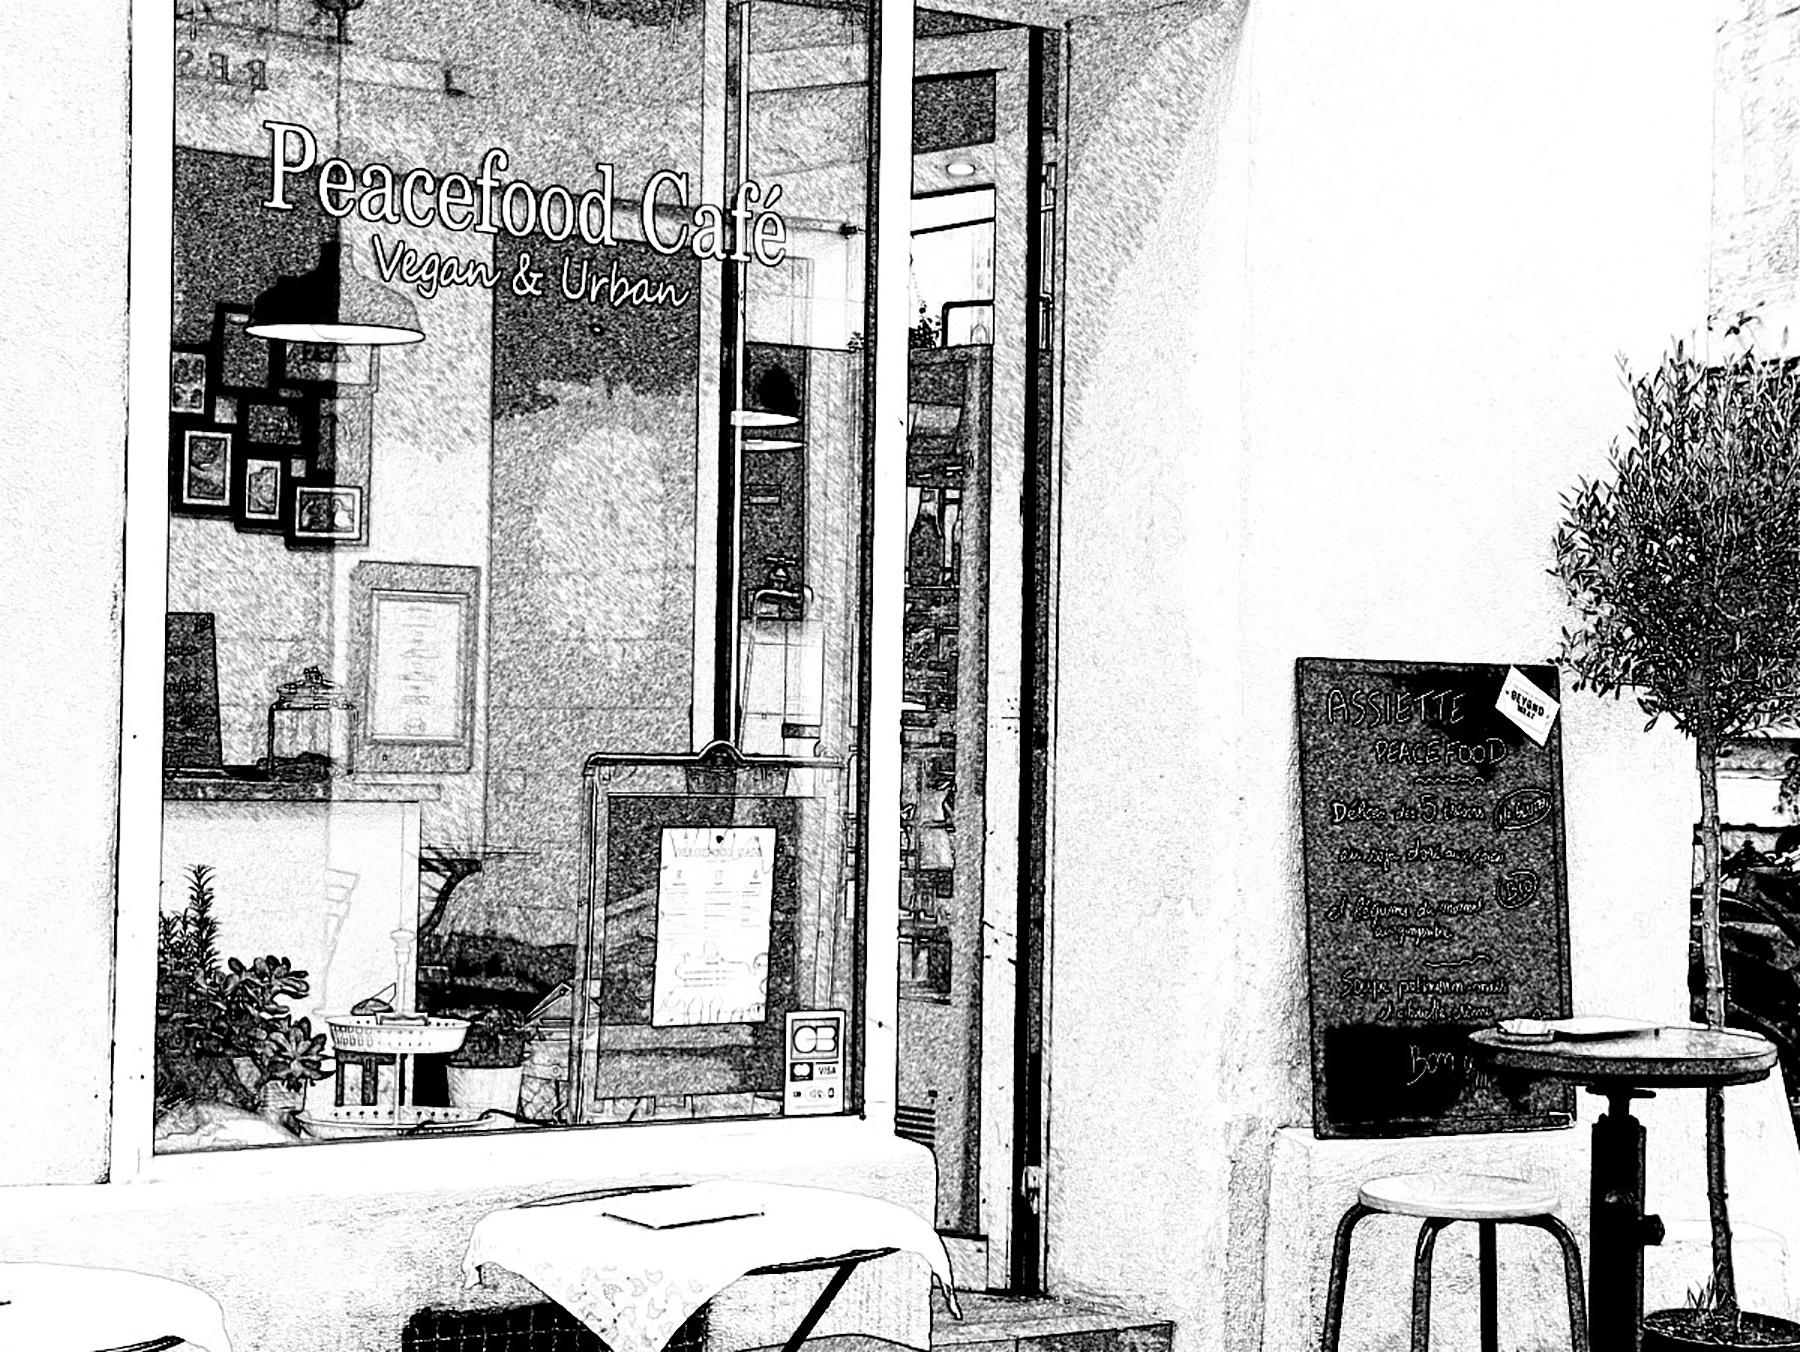 Peacefood café devanture